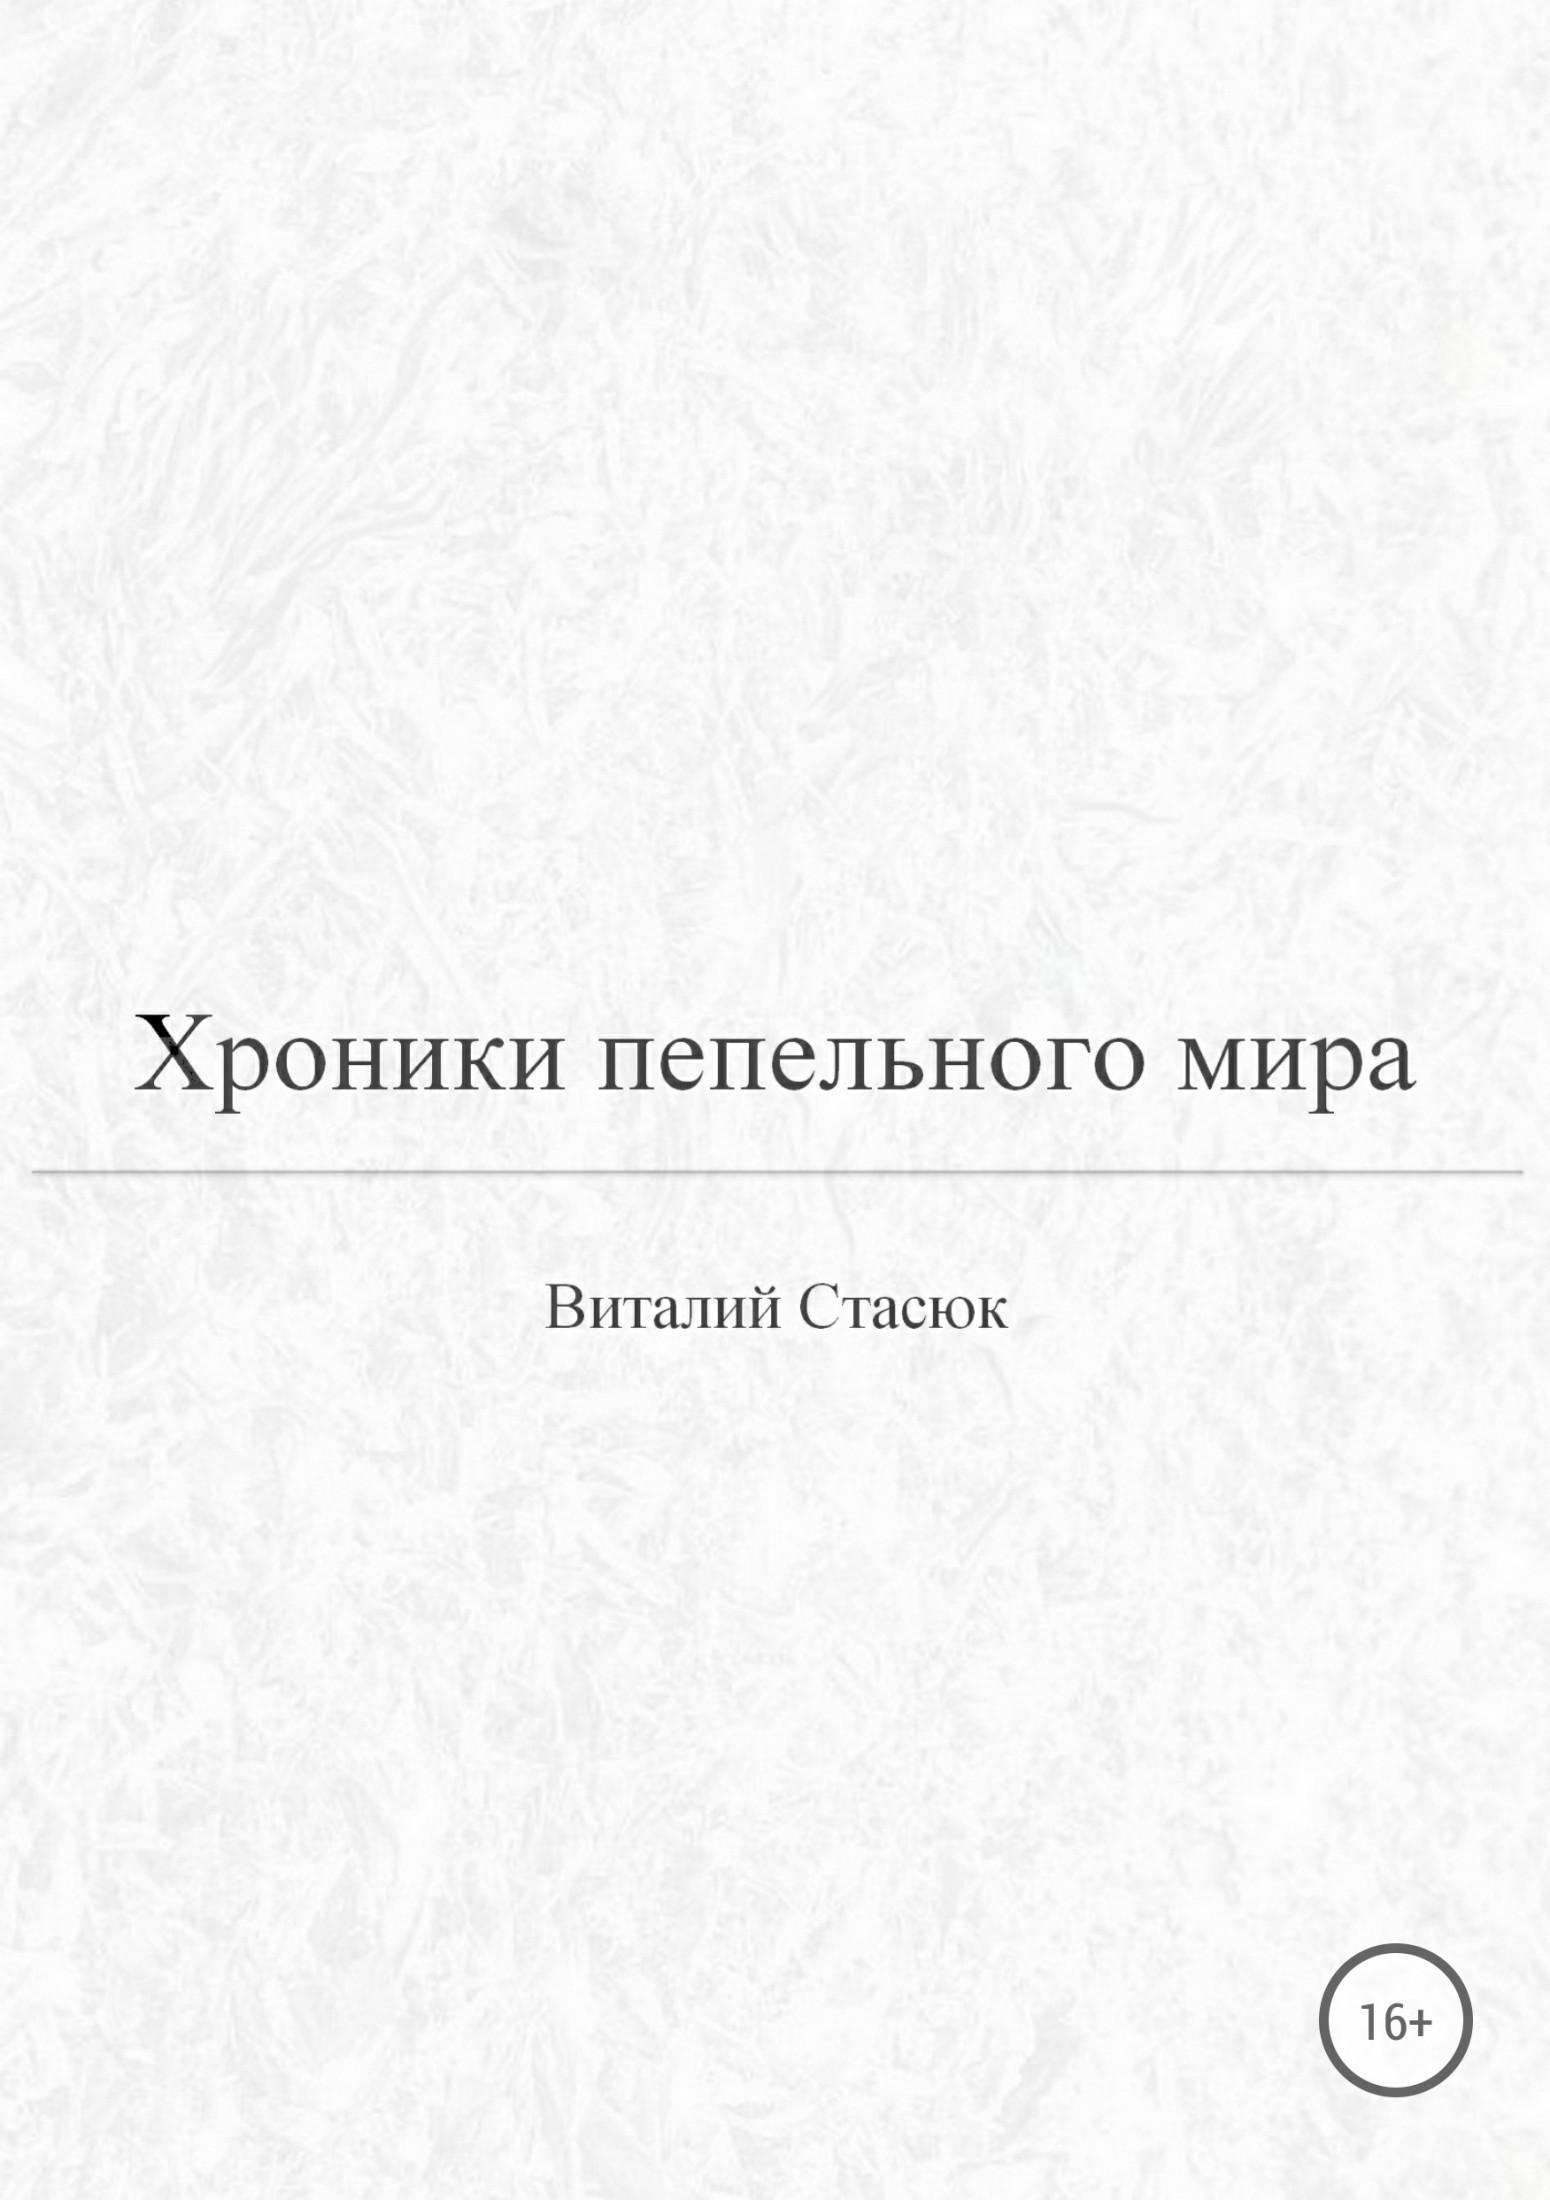 Виталий Викторович Стасюк бесплатно